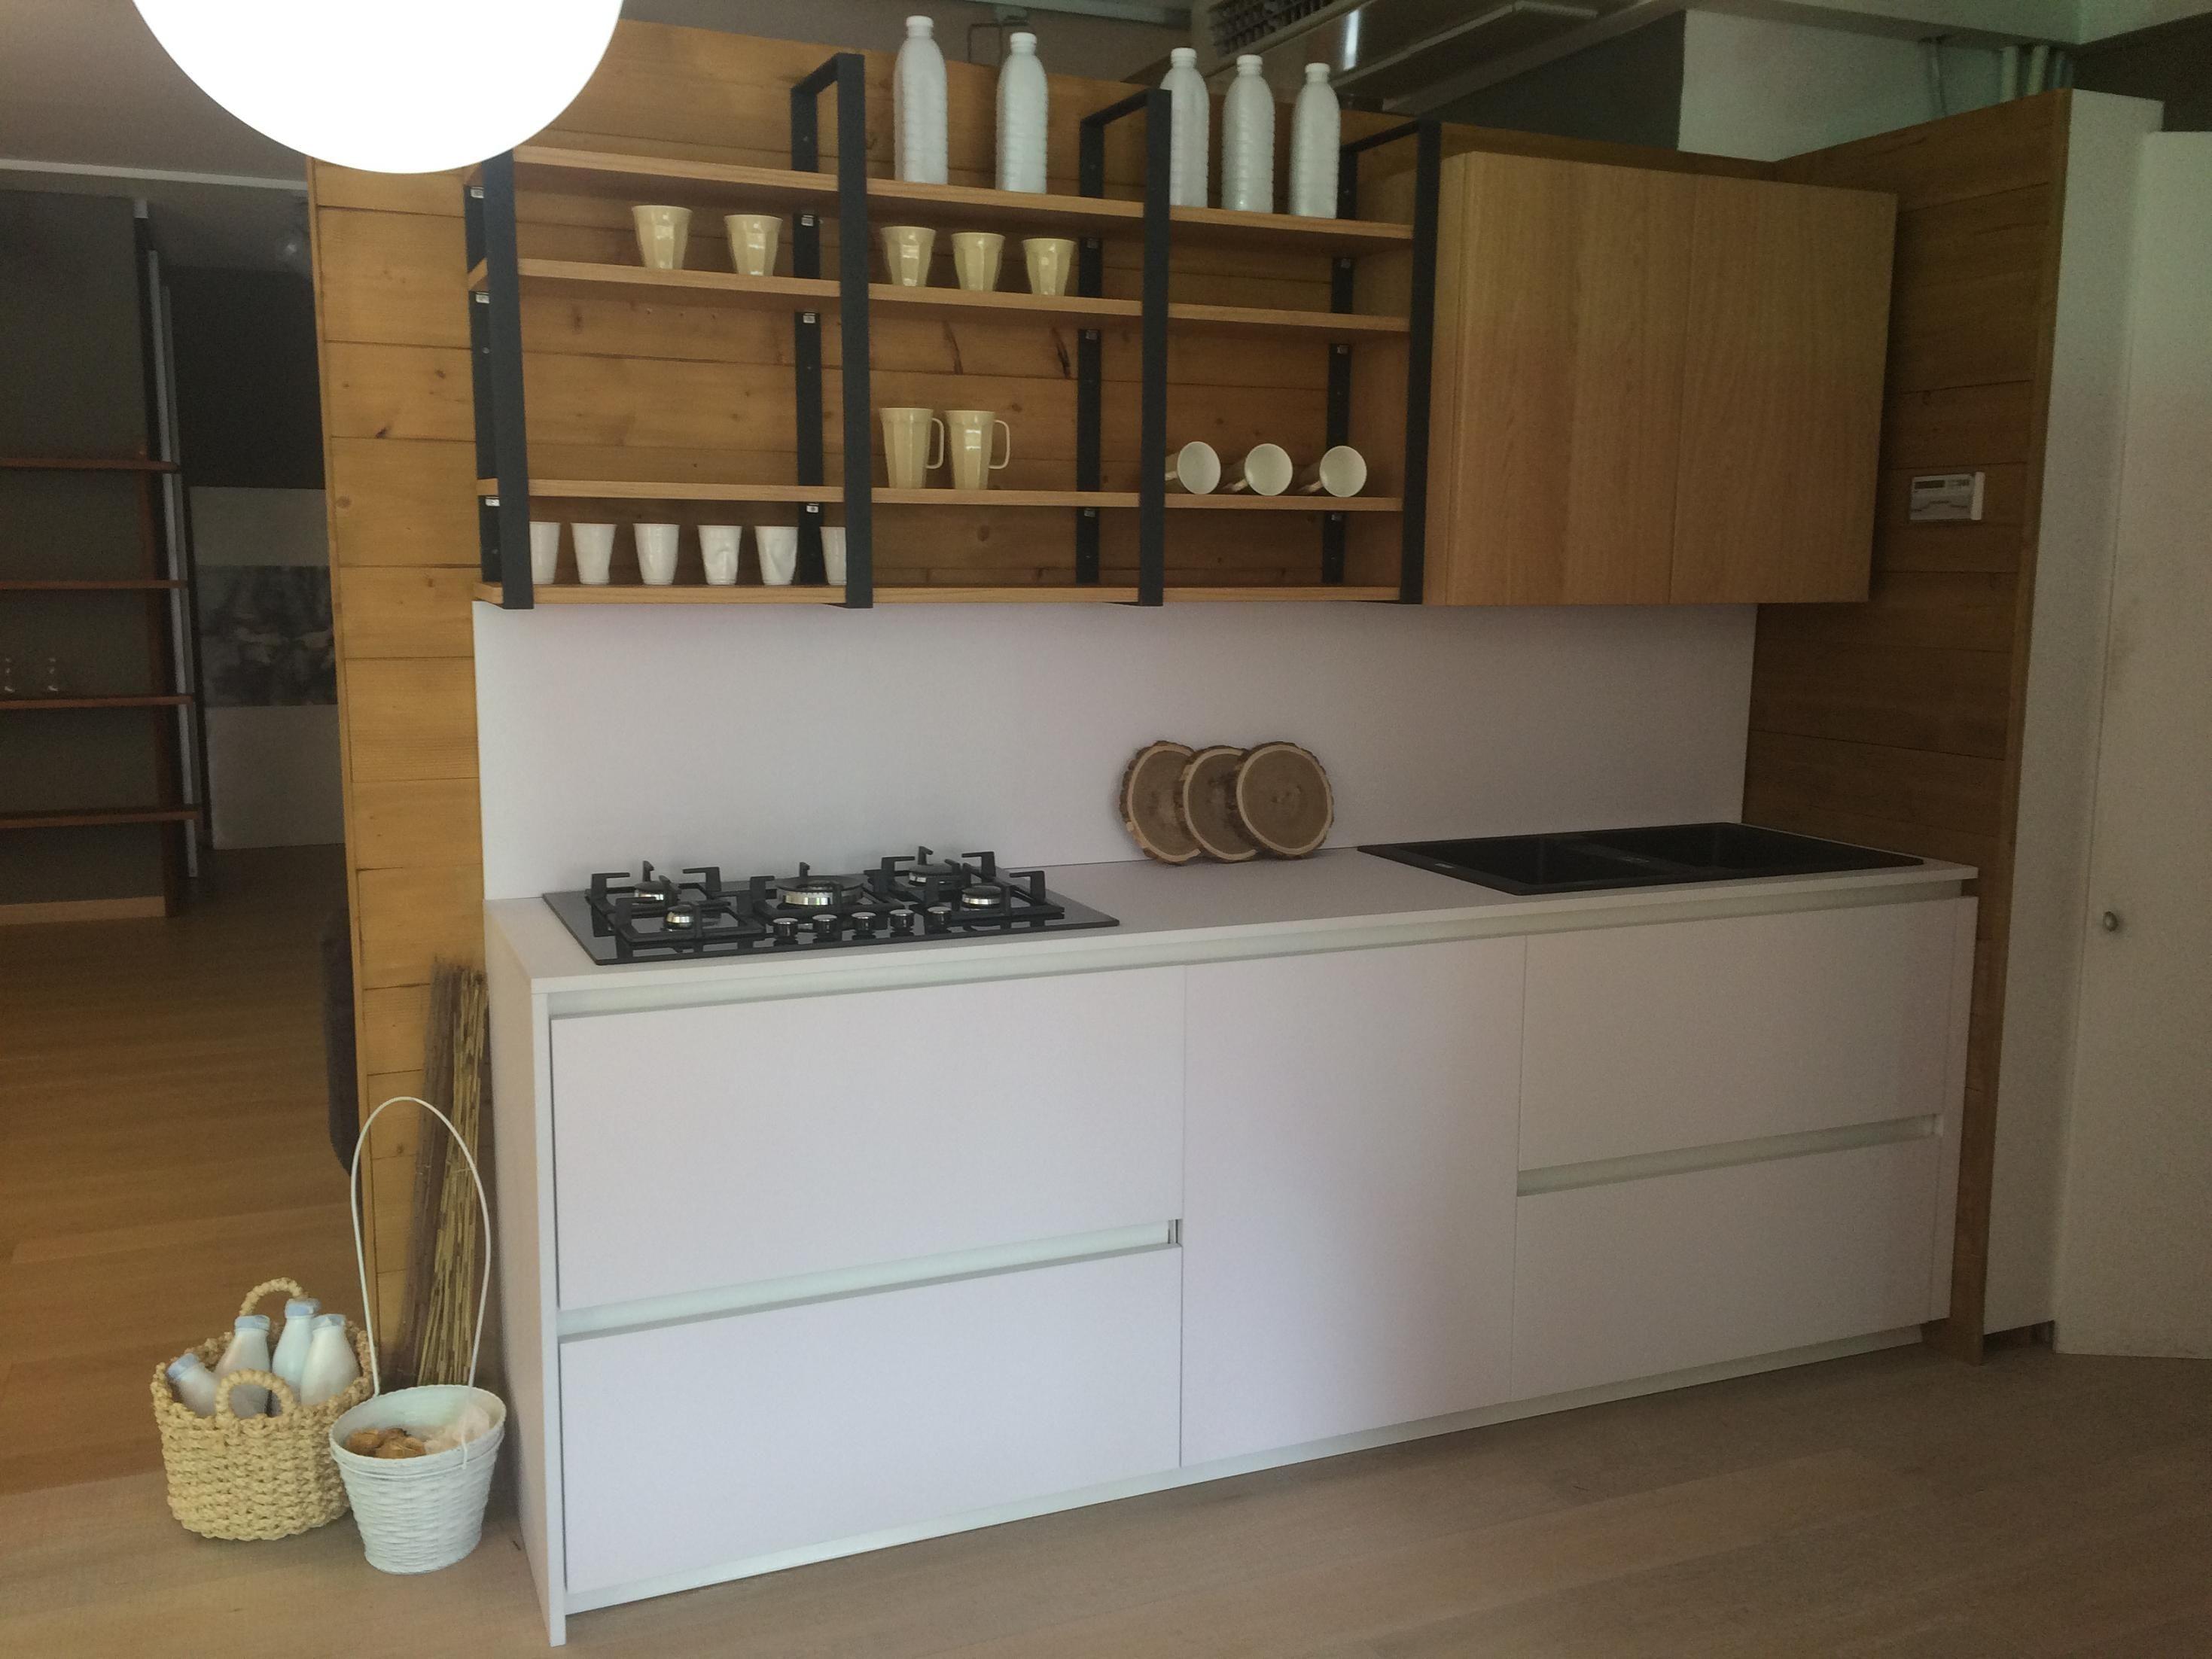 Cucina Lineare Con Colonne A Angolo Binova Mod Bluna Laminato Fenix Bianco Kos Cucine A Prezzi Scontati Cucine Mensole Cucina Angolo Cottura